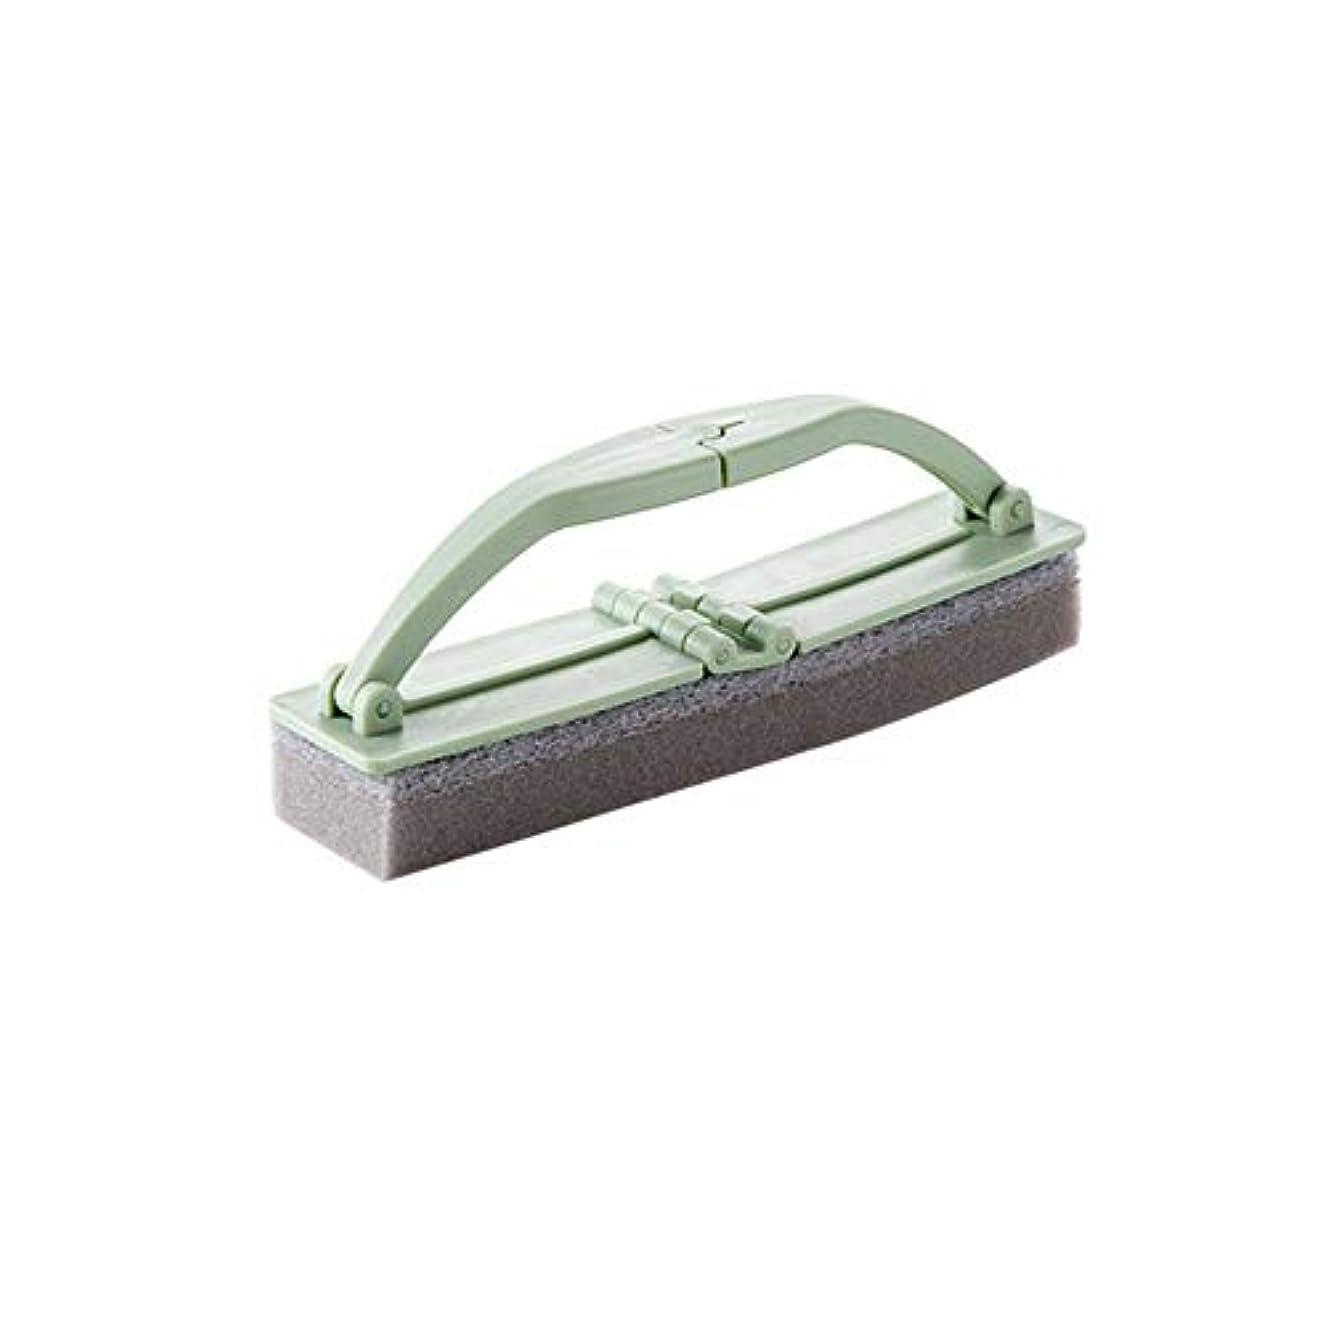 ポアクリーニング 折りたたみ式の浴室スポンジハンドル付き強力な汚染除去タイルクリーニングスポンジブラシ2 PCS マッサージブラシ (色 : 緑)